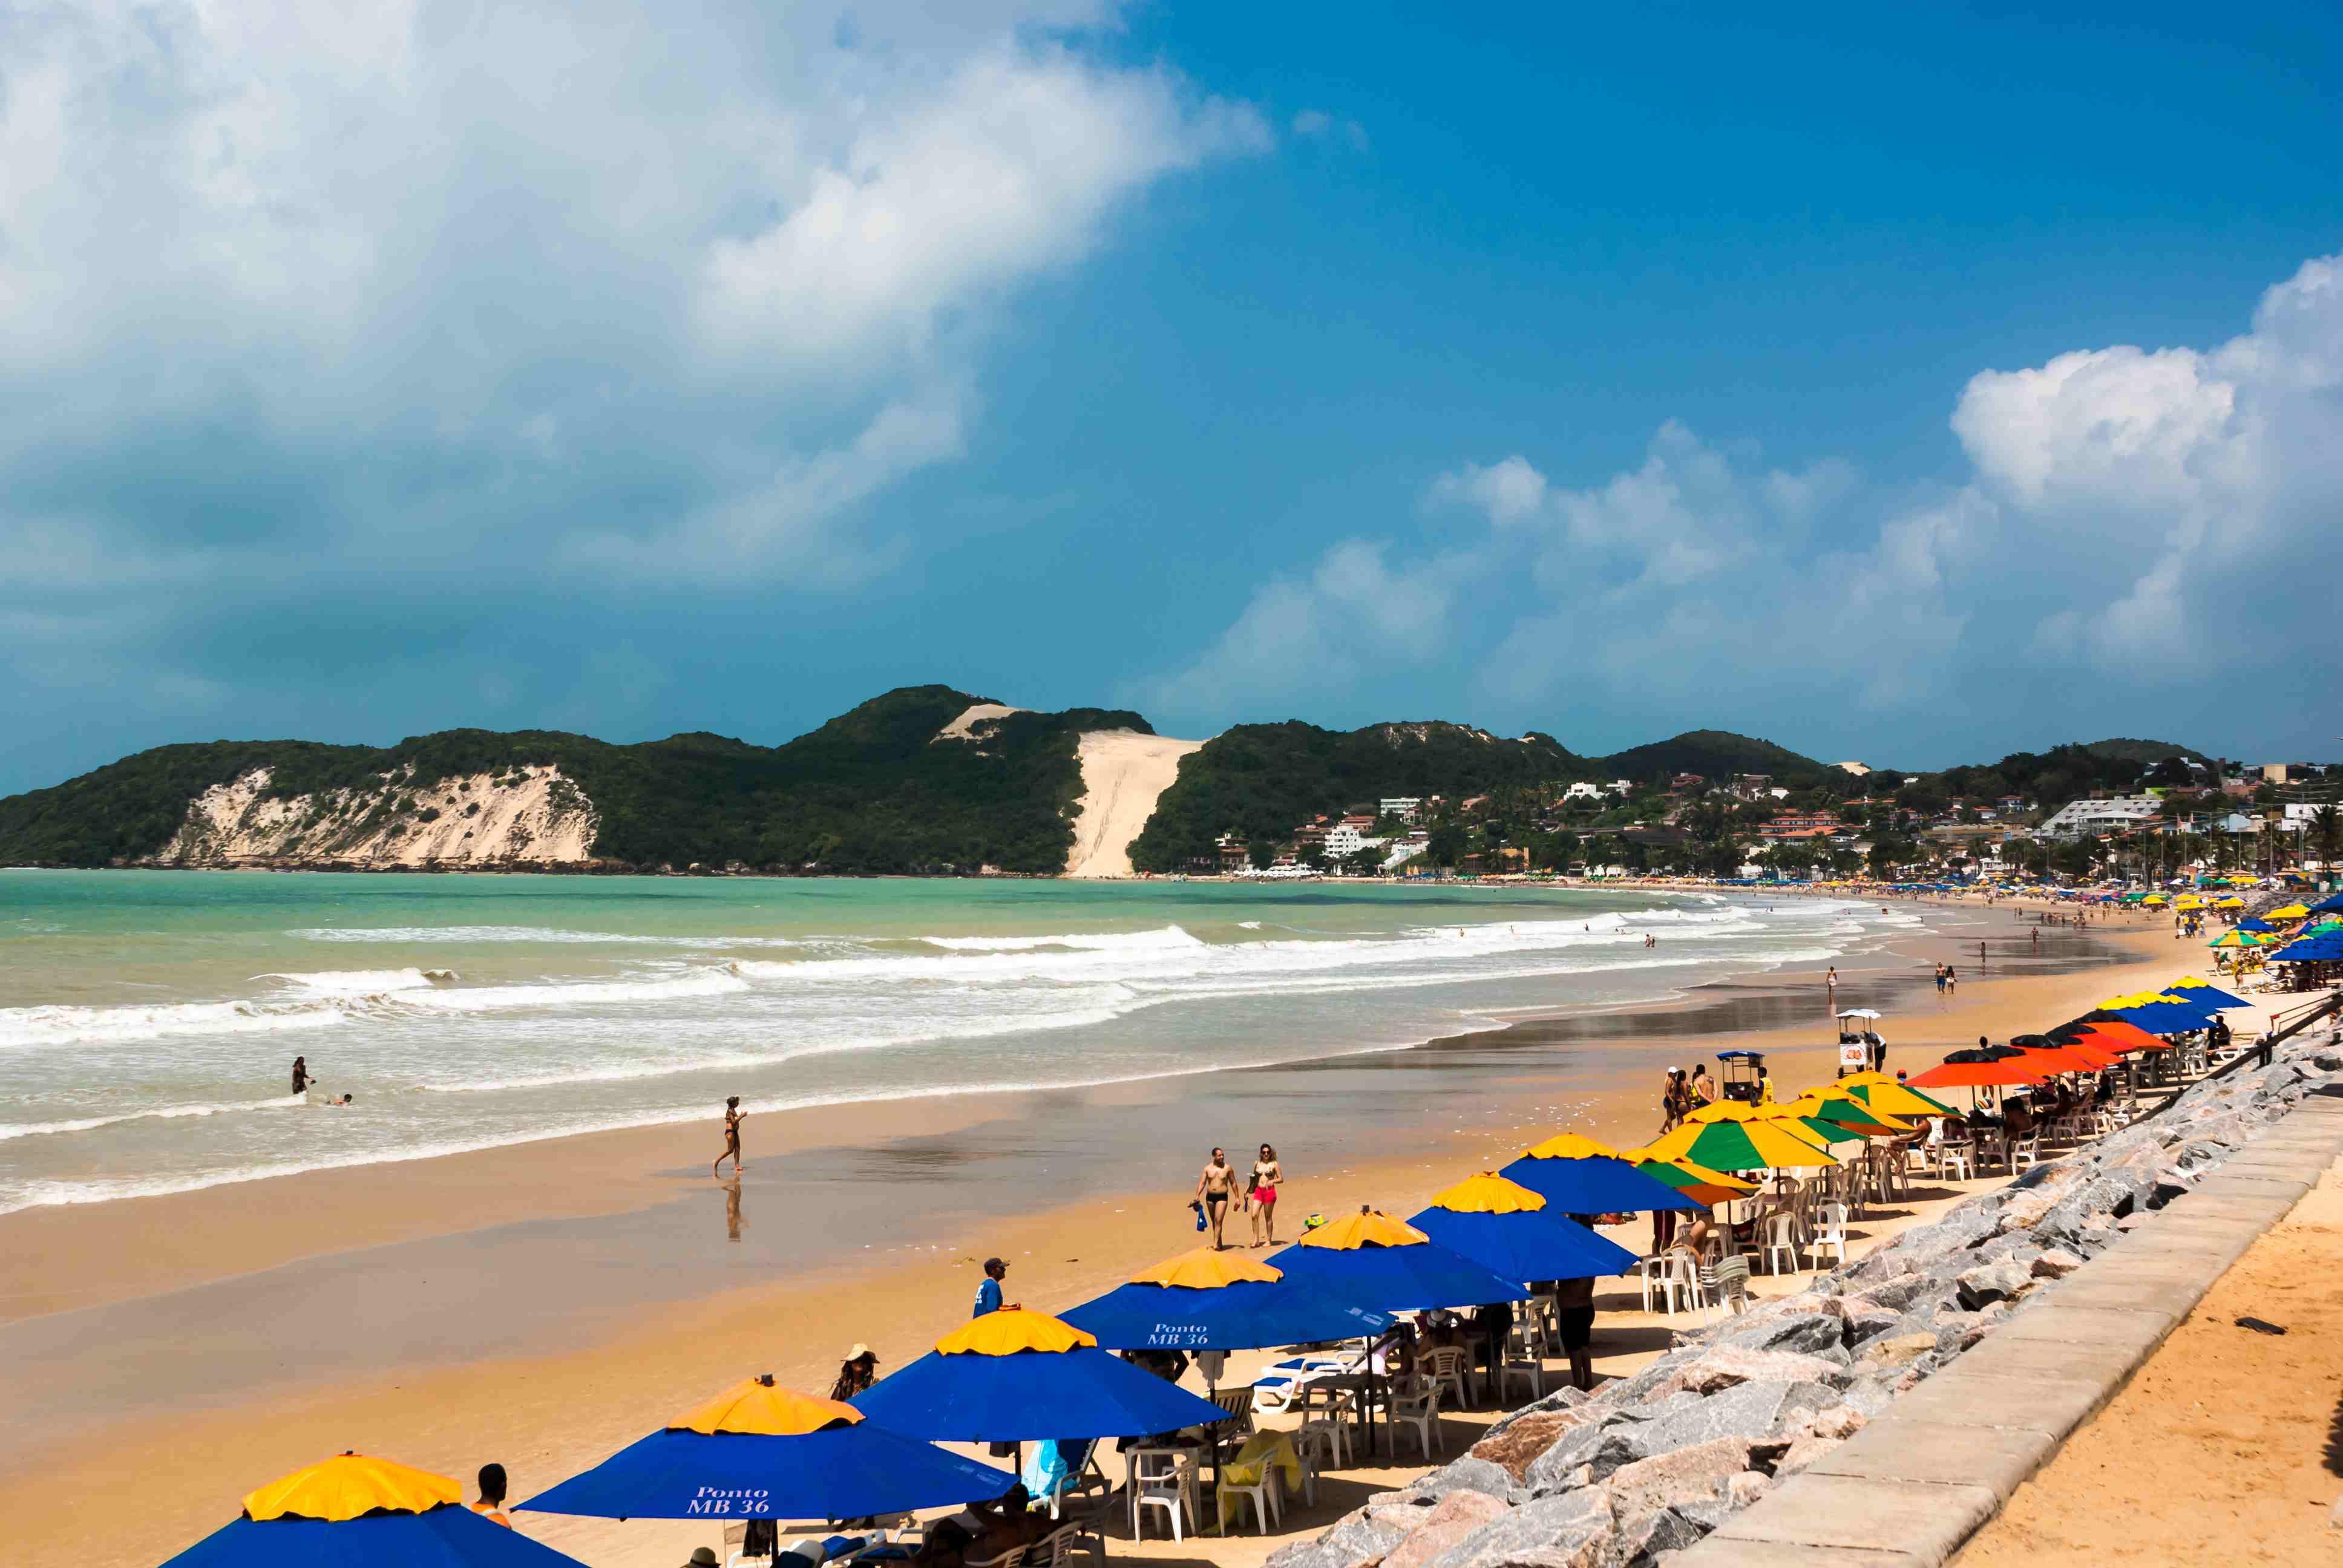 Hospedagem em Natal: por que escolher o bairro de Ponta Negra? - Coral  Plaza - A melhor opção de Hotel em Natal-RN (84) 3642.7400